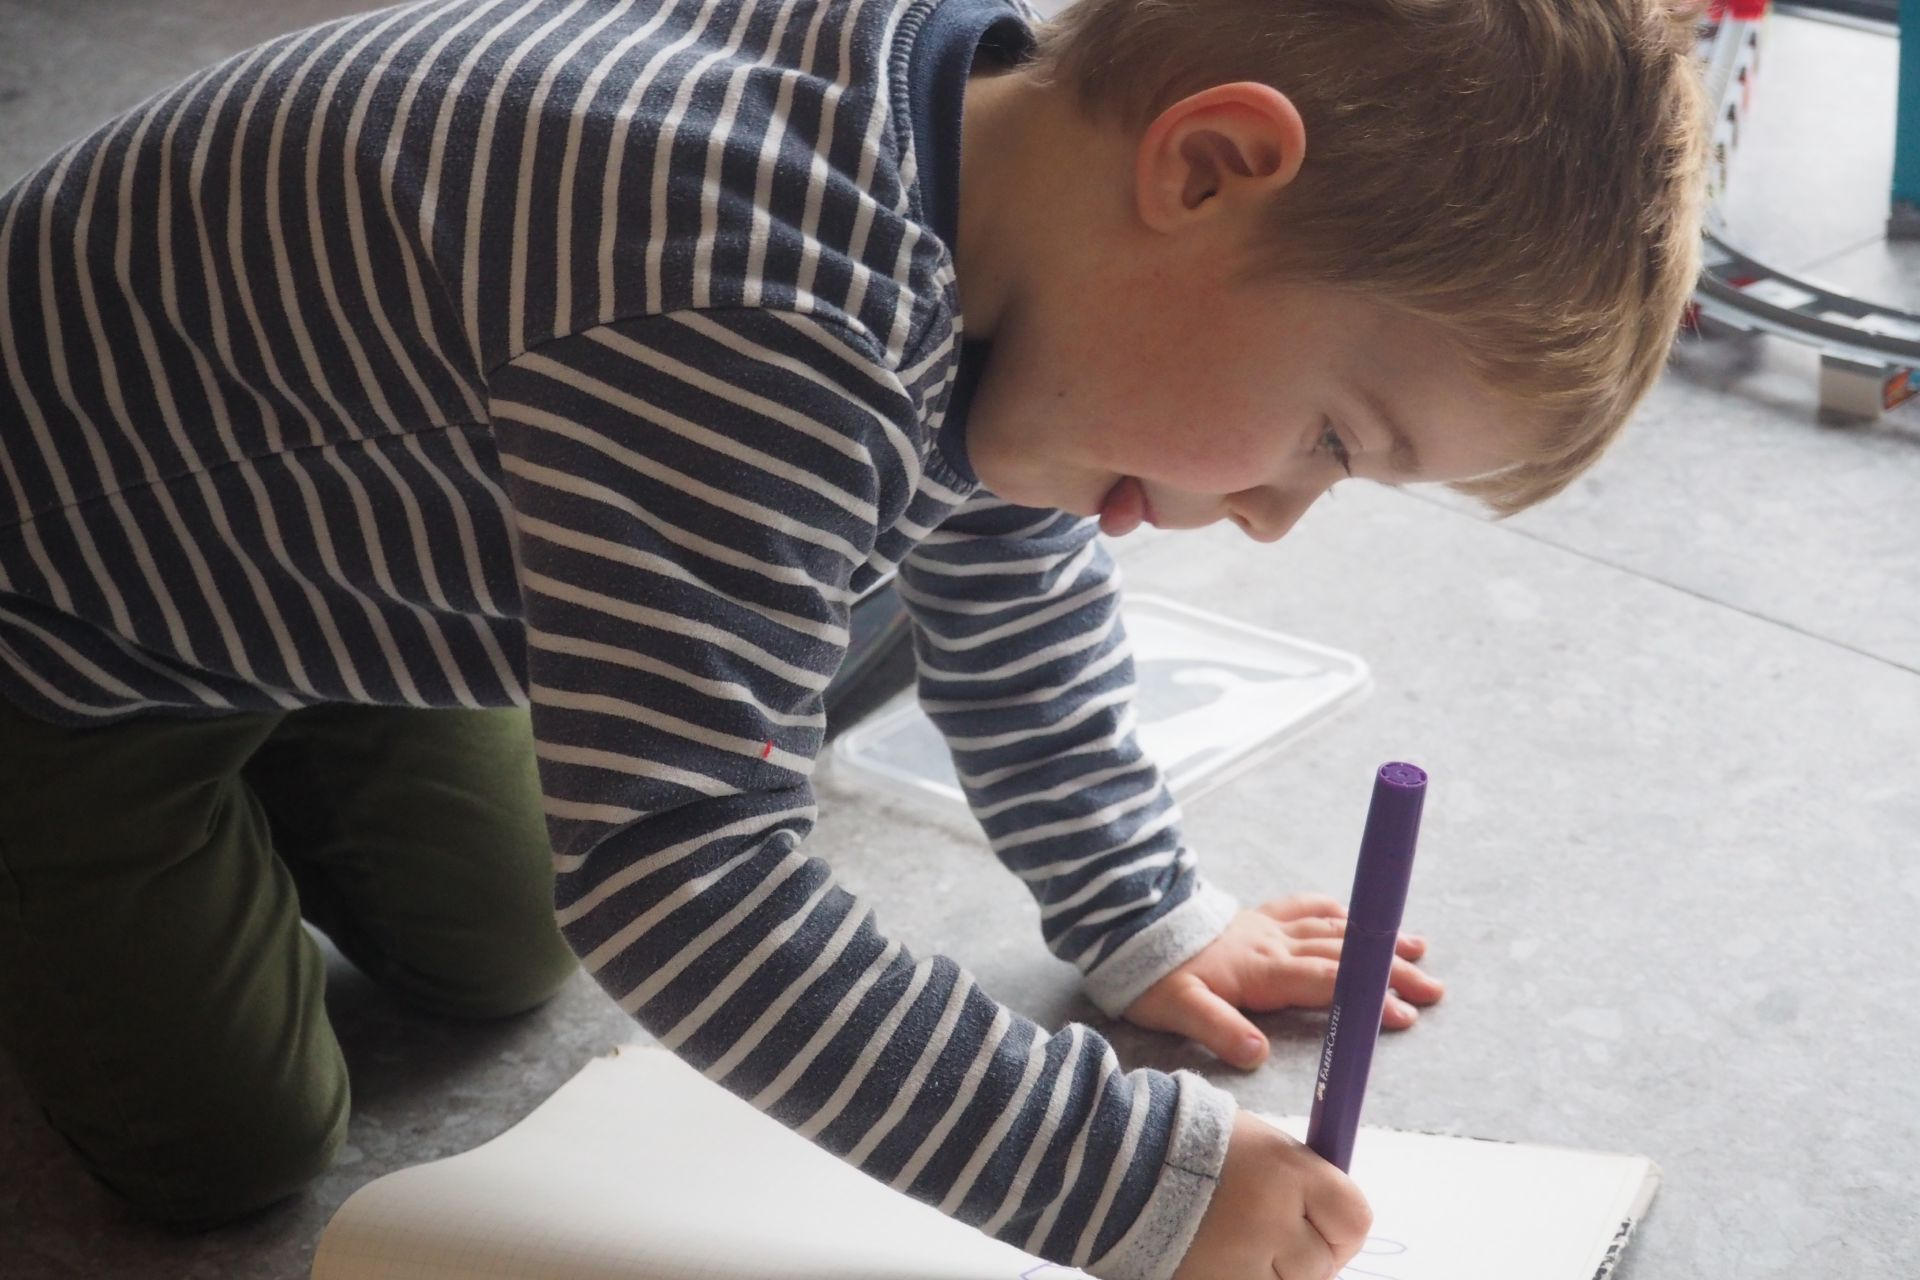 Dagboek papa Karel-Willem: 'Mijn kleuter zit in de waarom-fase!'